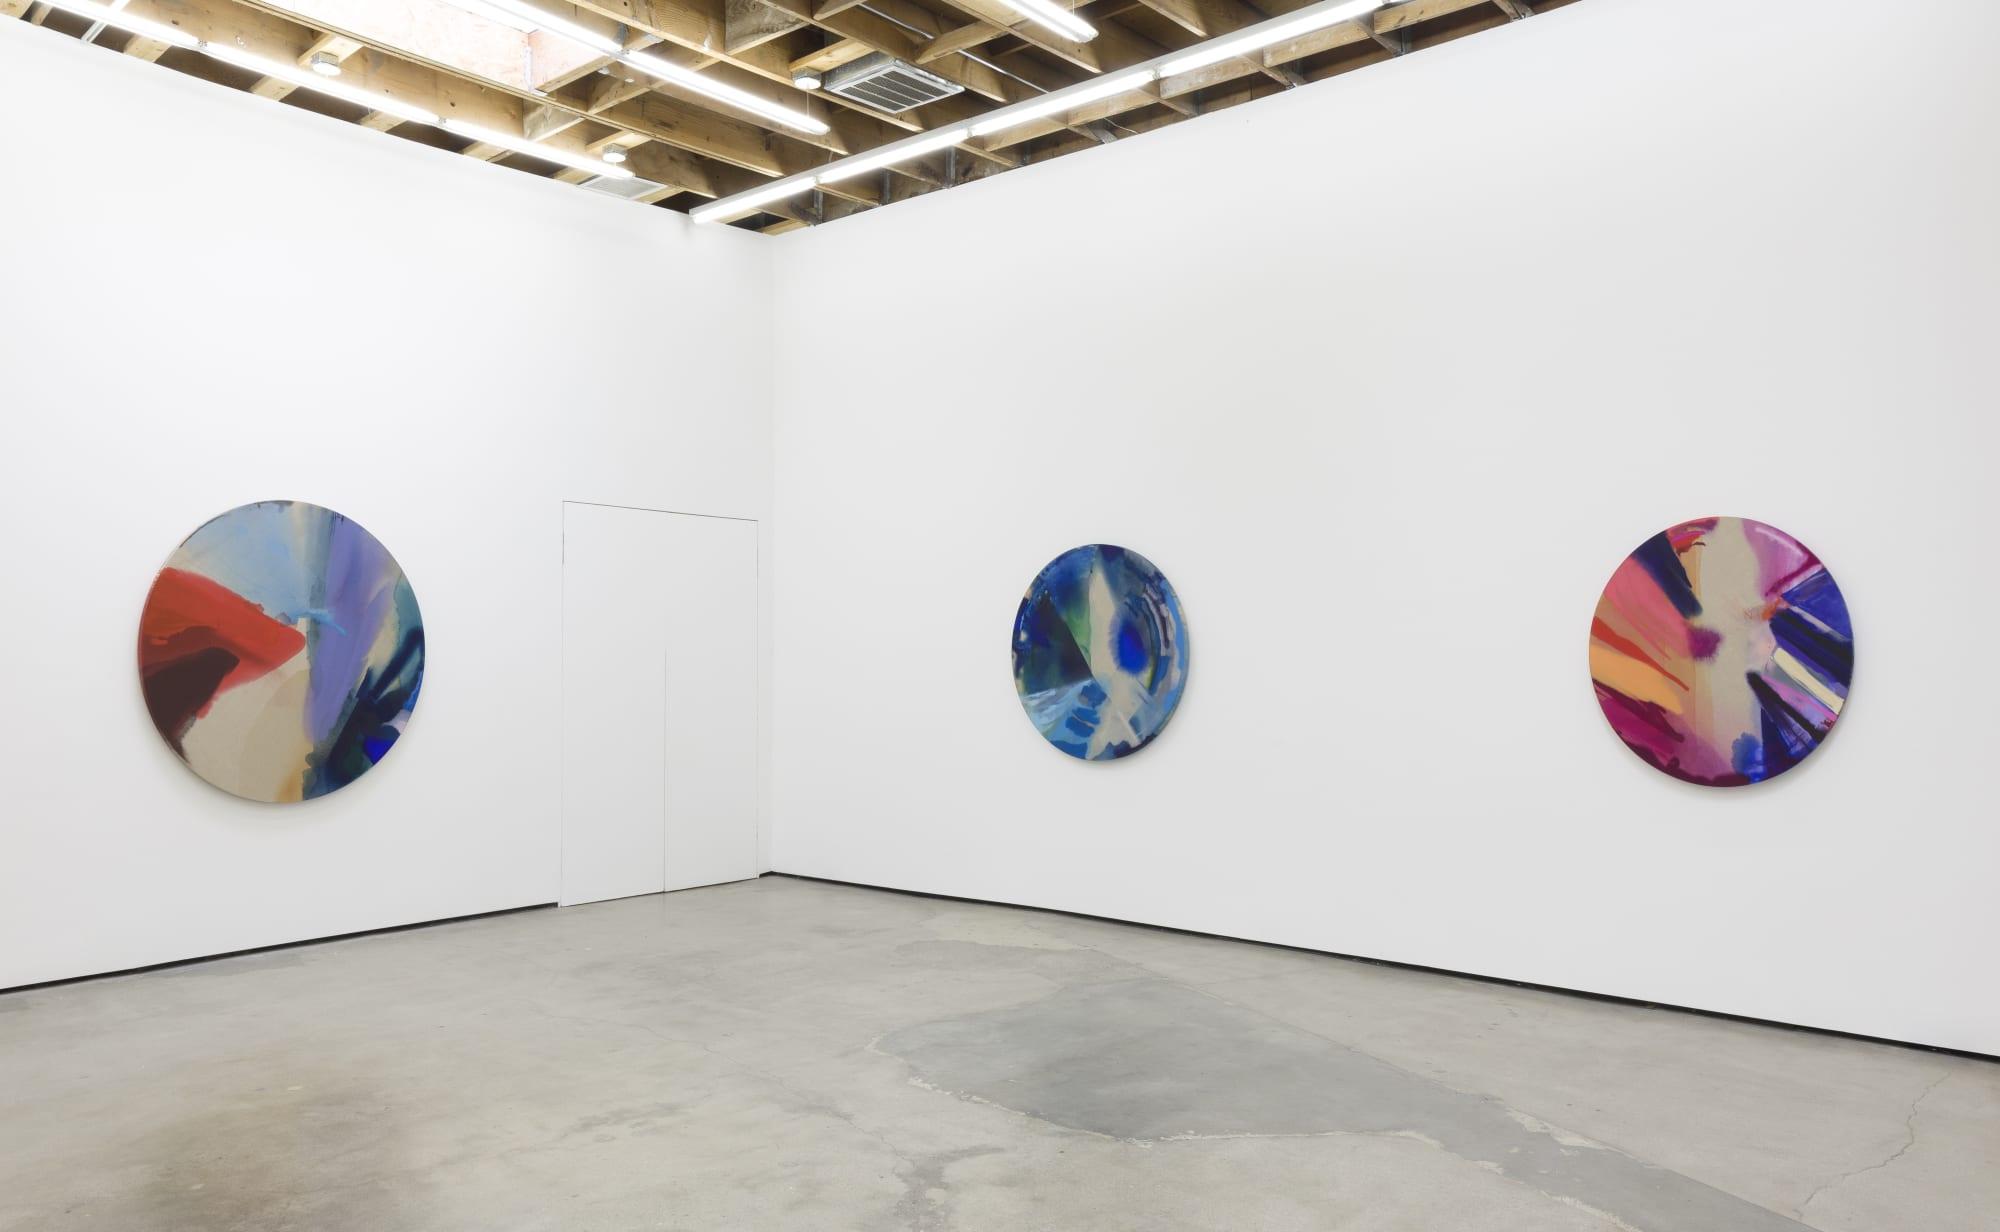 Pamela Jorden: Window Prism Eyes